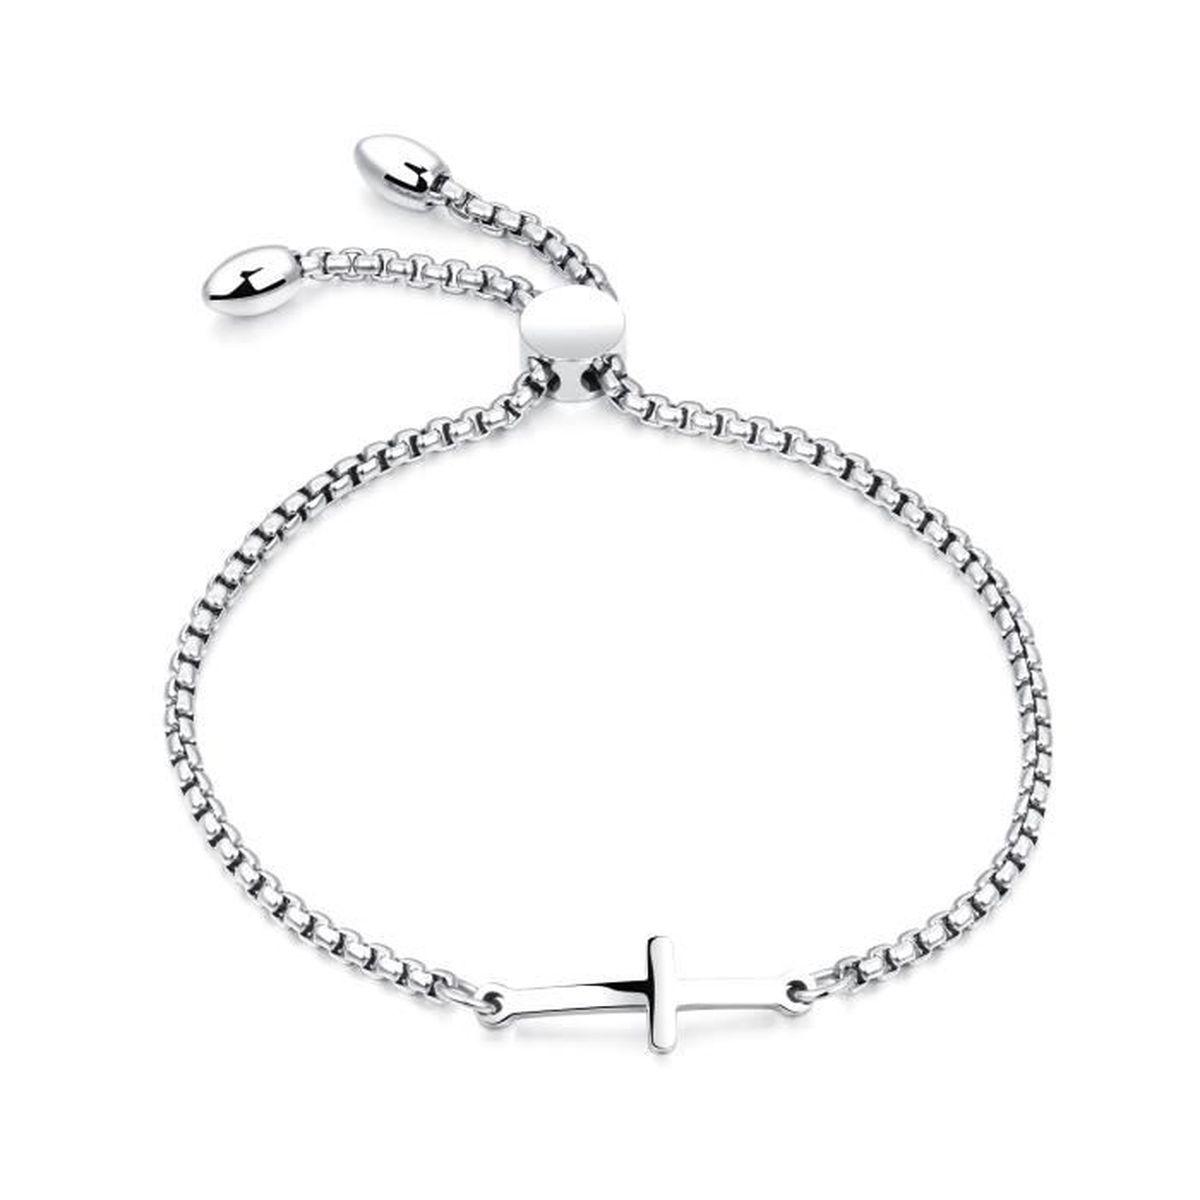 prix pas cher authentique boutique de sortie Simple Bracelet Femme Côté Croix Religieux Acier Inoxydable ...